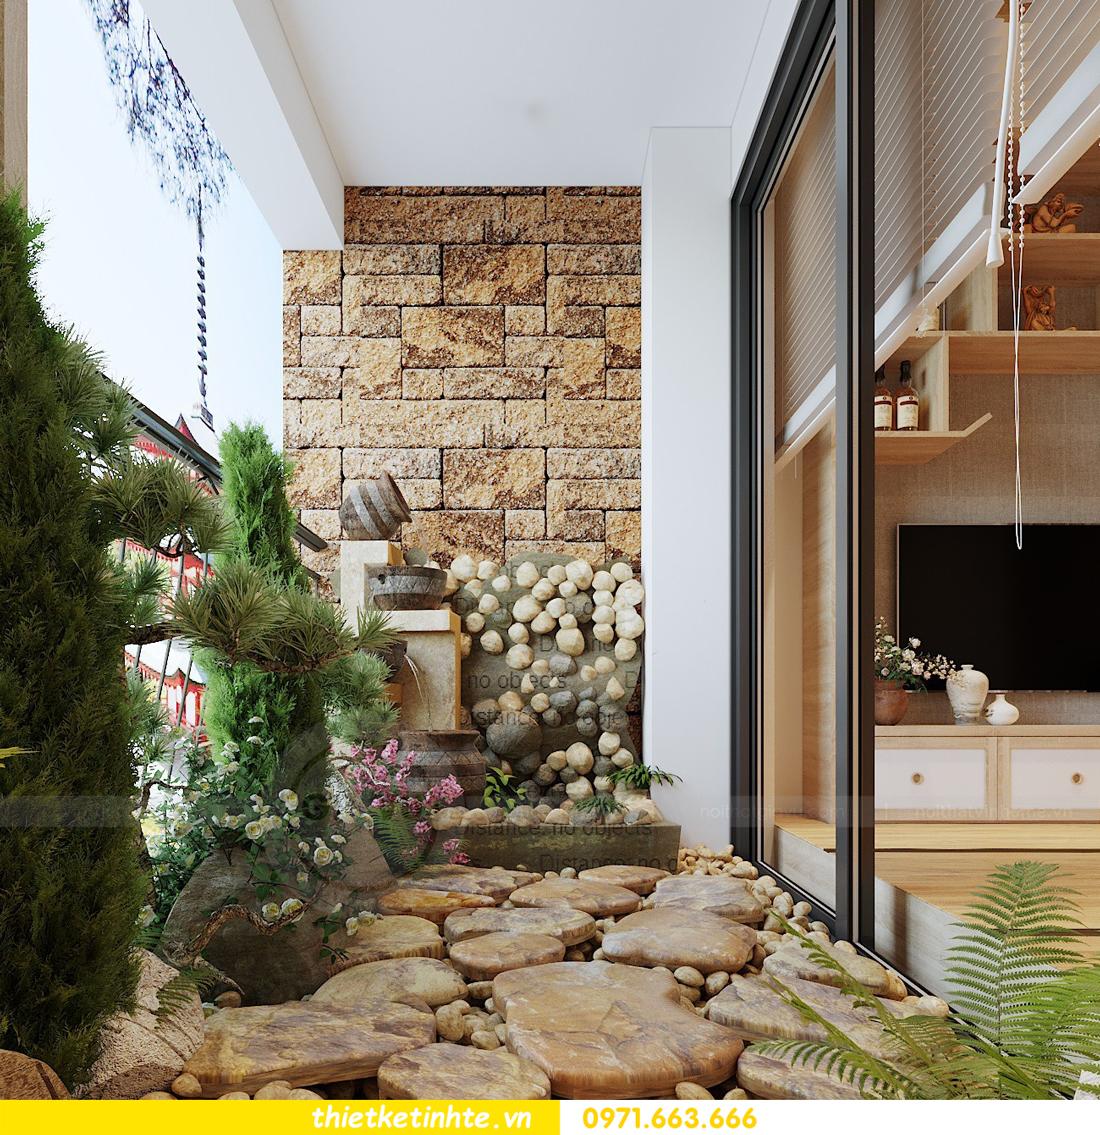 thiết kế nội thất chung cư Vinhomes Skylake theo phong cách Á Đông 08